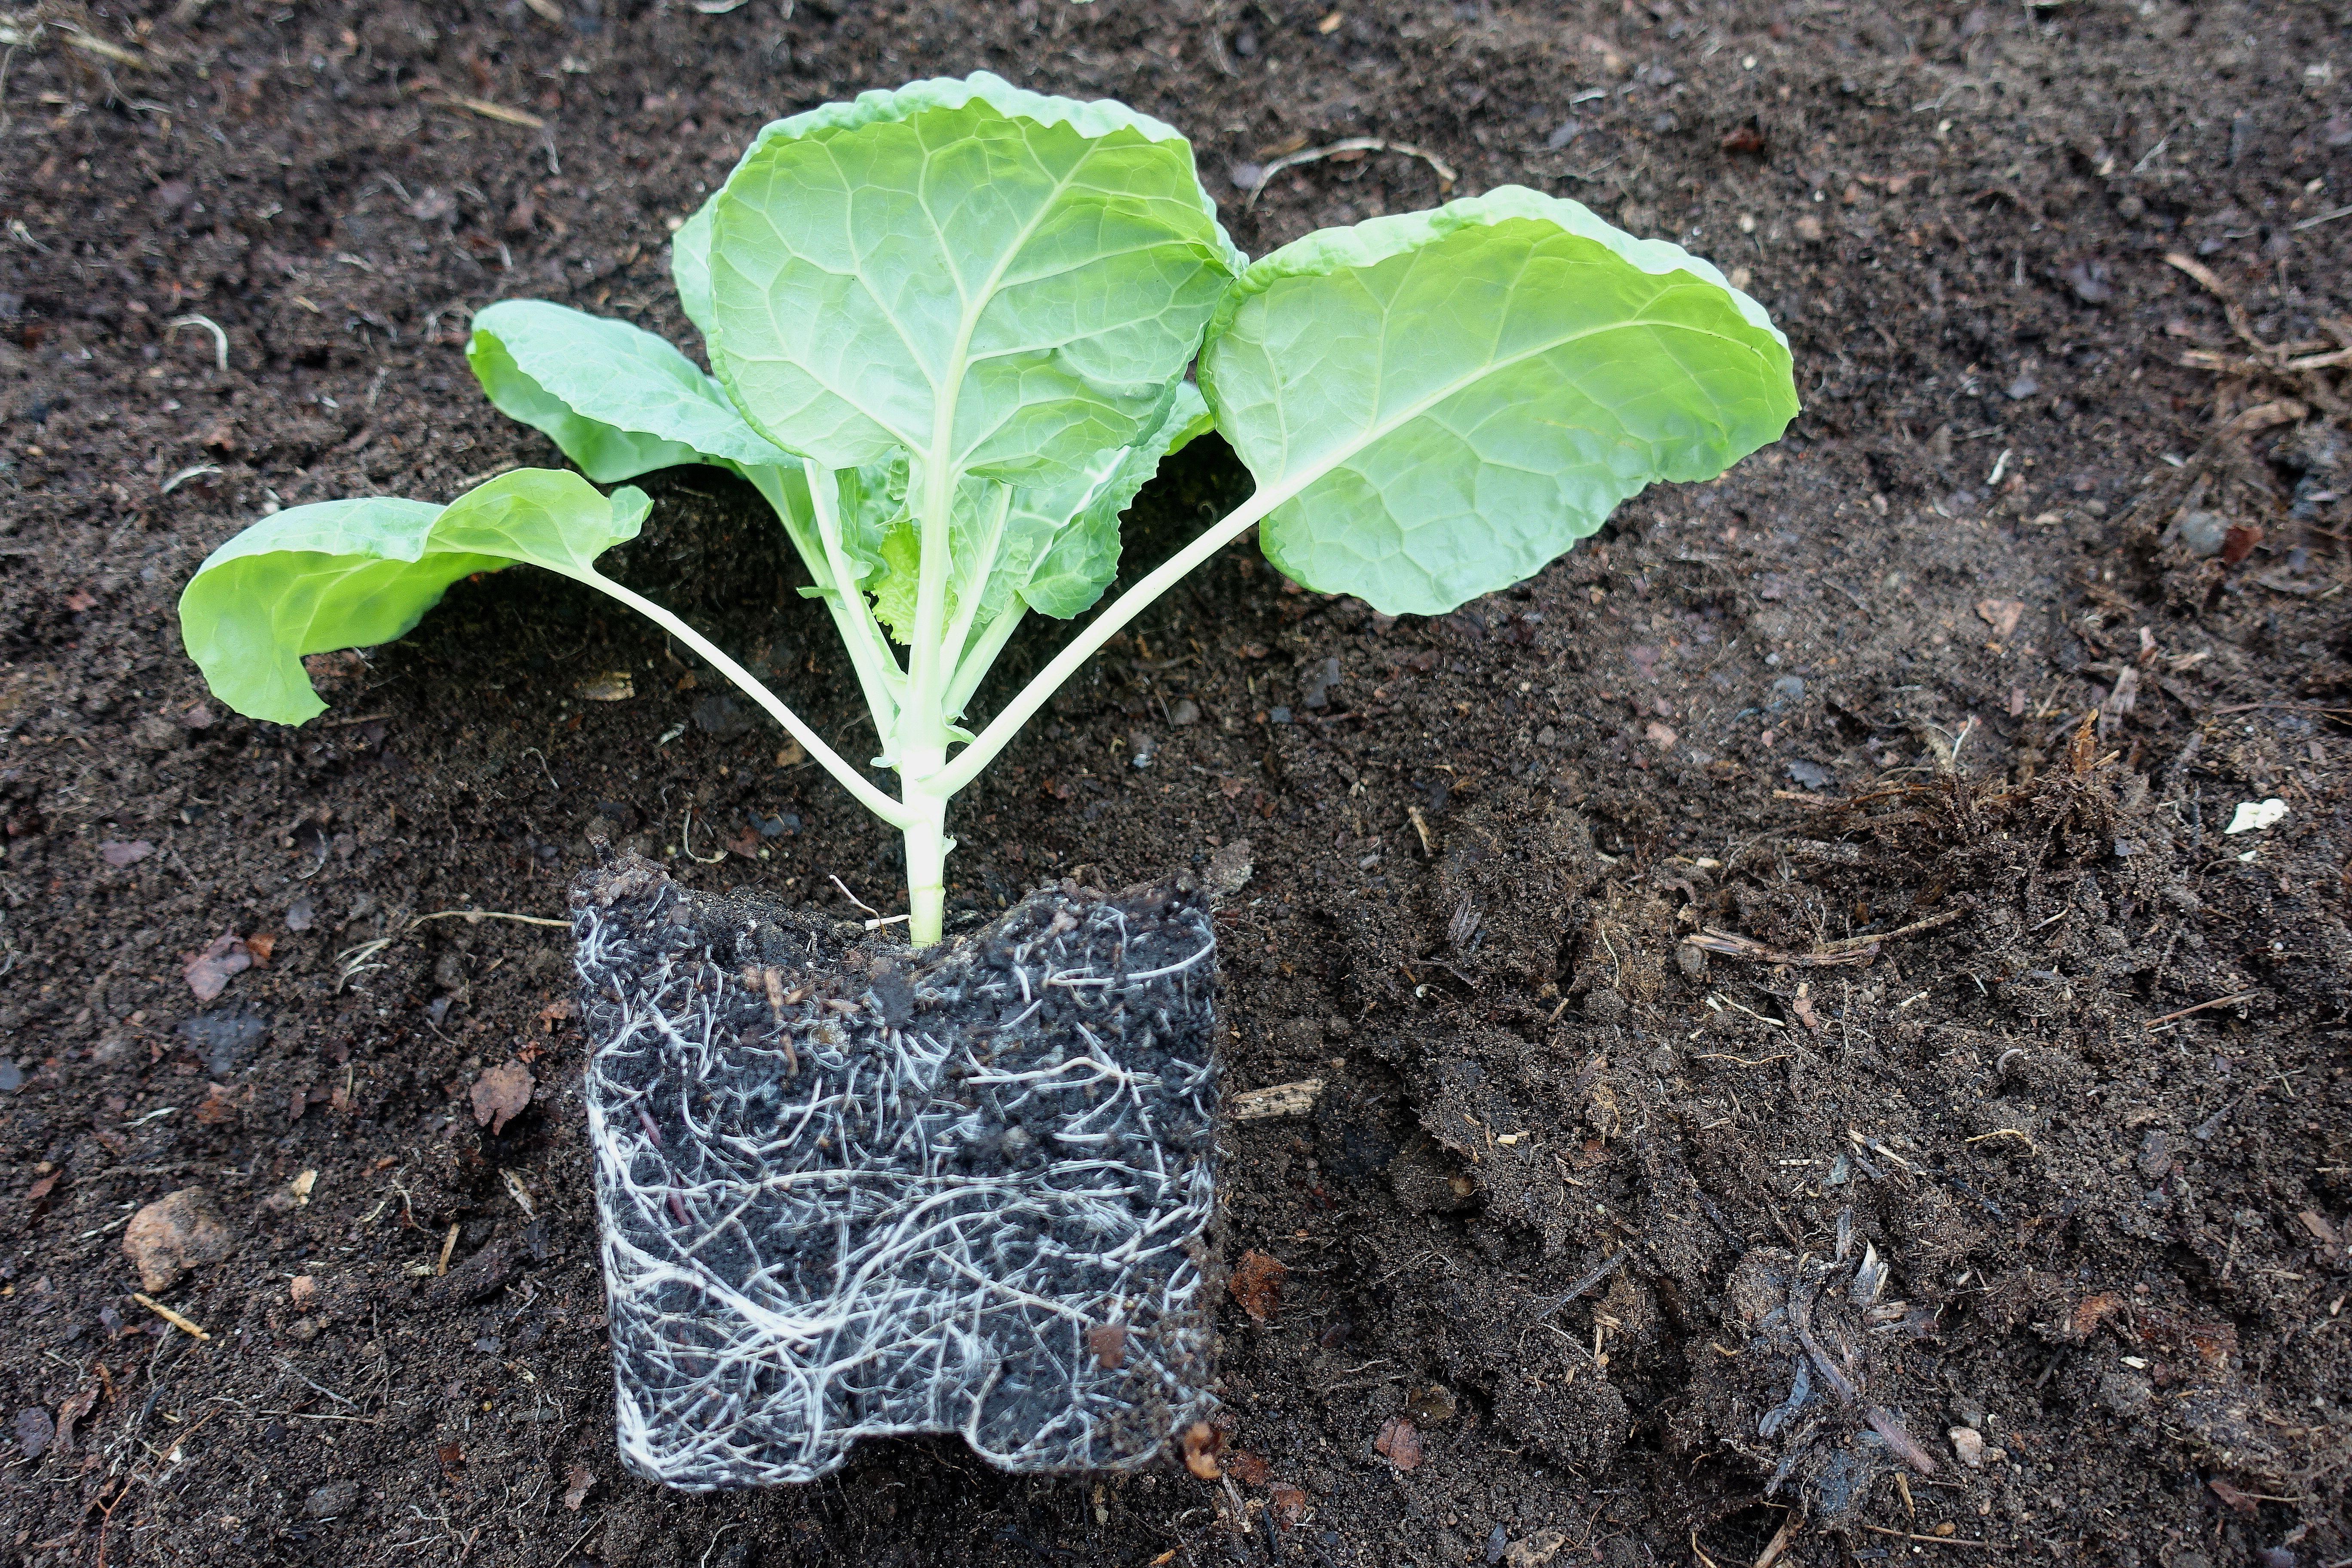 En vacker planta utan kruka, där rotsystemet tydligt syns mot jorden. Vorbote 3, a beautiful plant with visible roots.